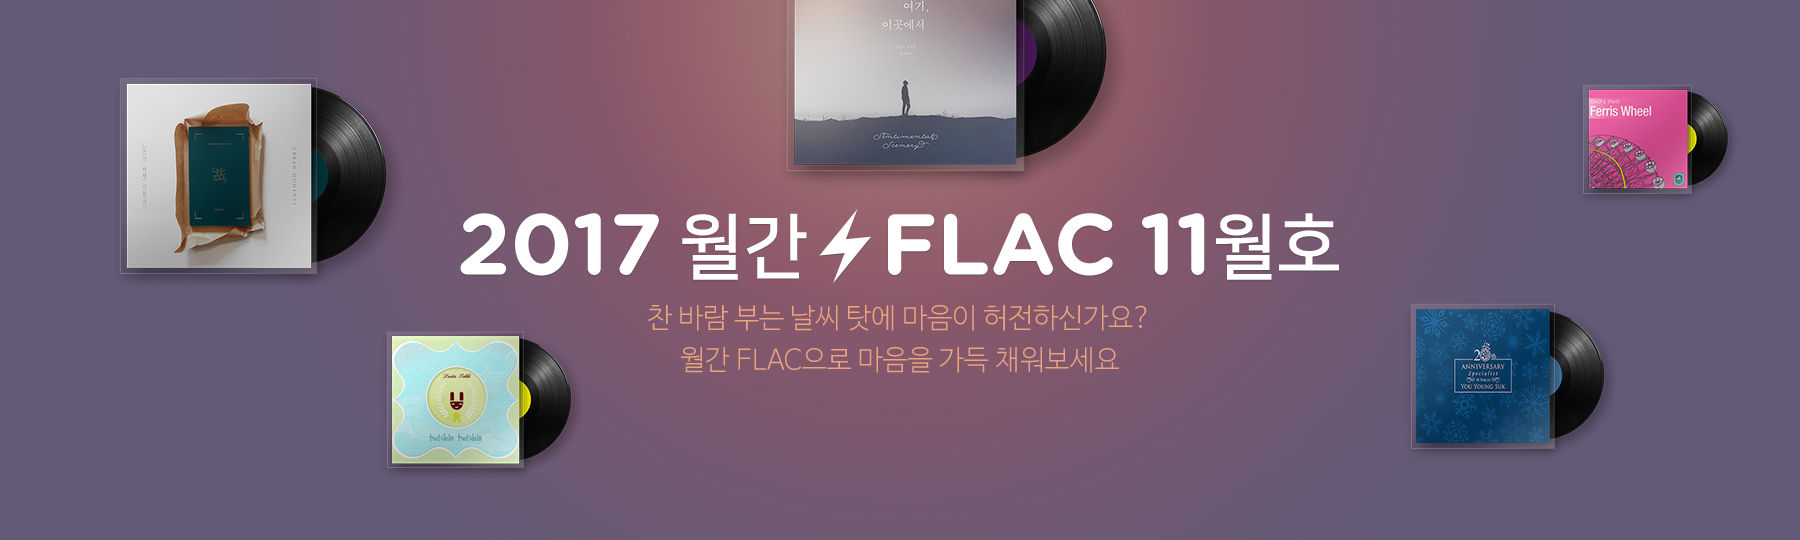 월간 flac 11월호